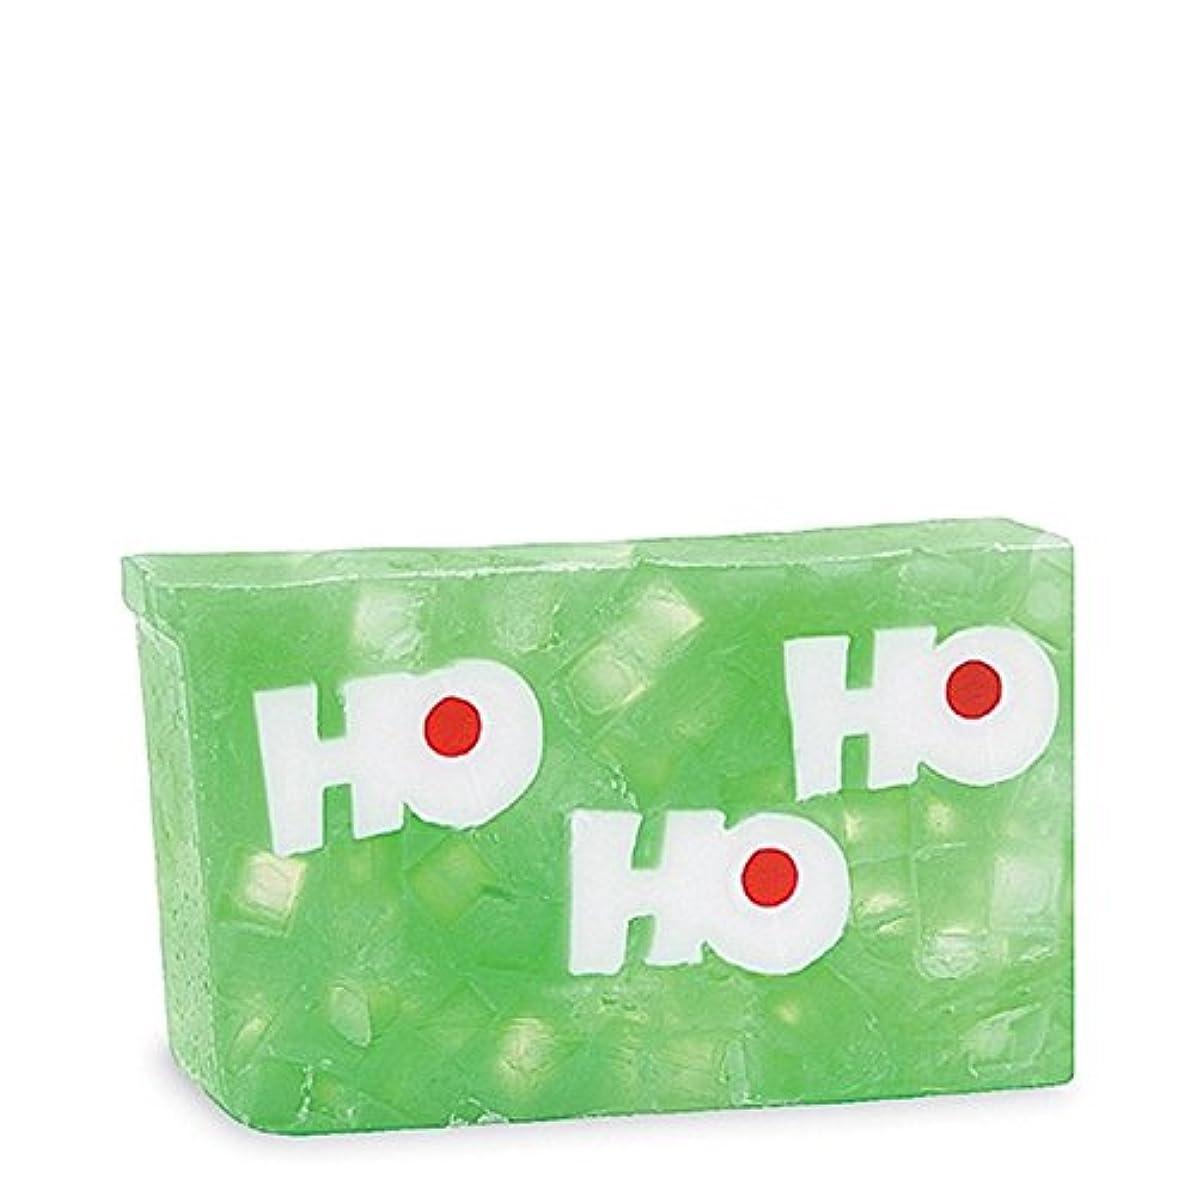 凶暴な爵死の顎Primal Elements Ho Ho Ho Soap - 原初の要素ホーホーホ石鹸 [並行輸入品]